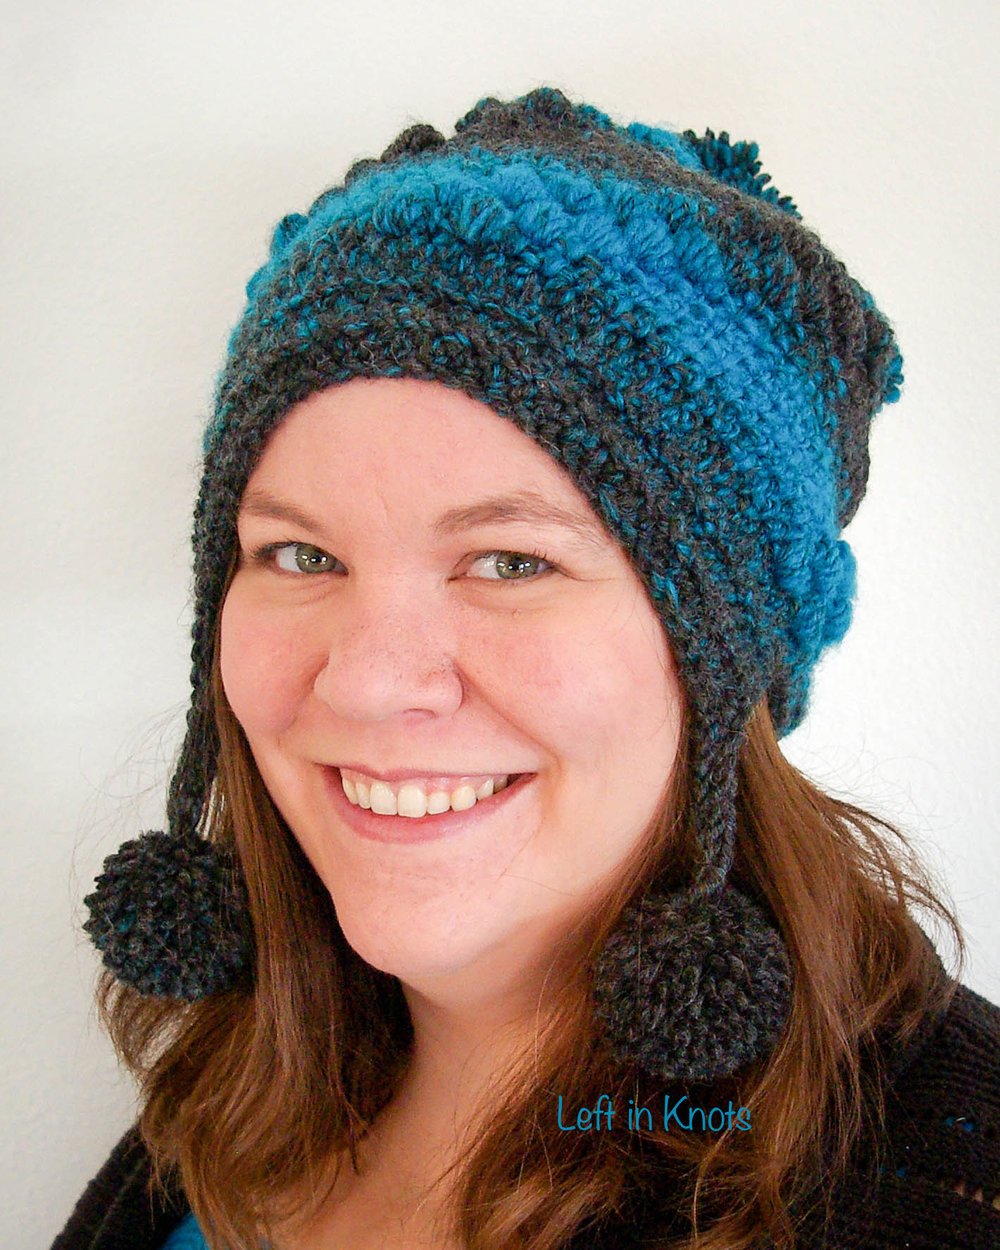 Free Crochet Patterns Left In Knots